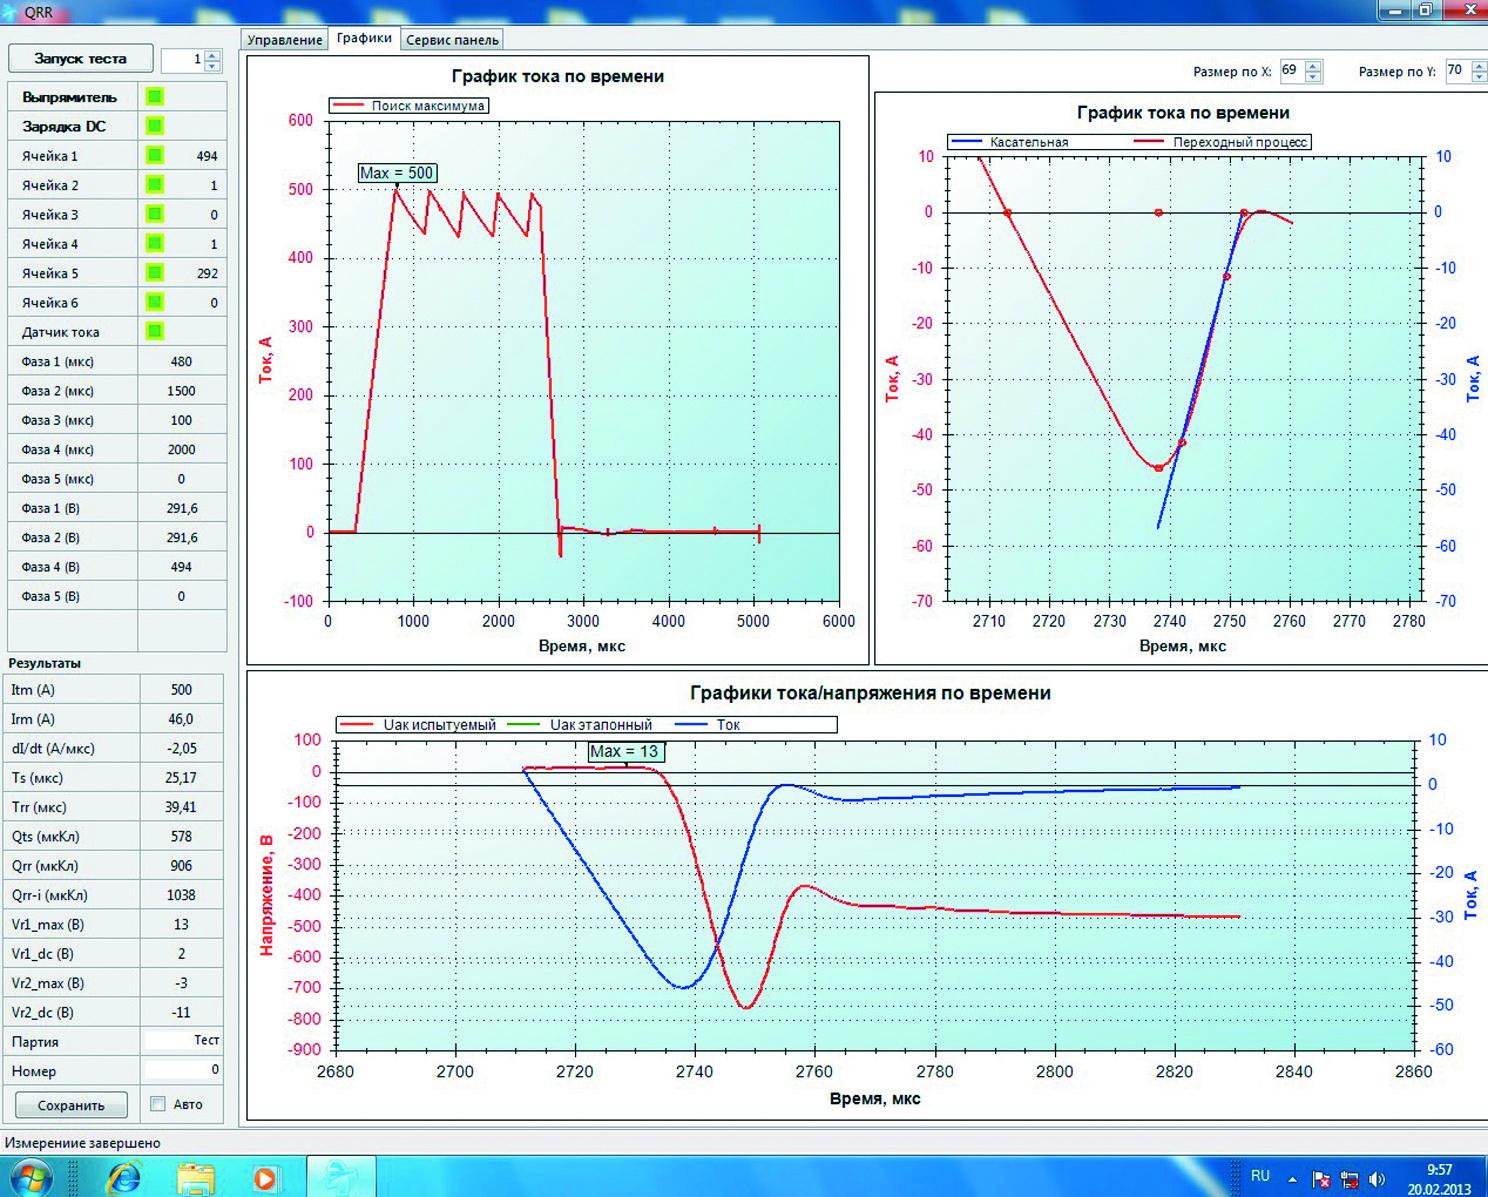 Вид панели системы сбора и обработки информации